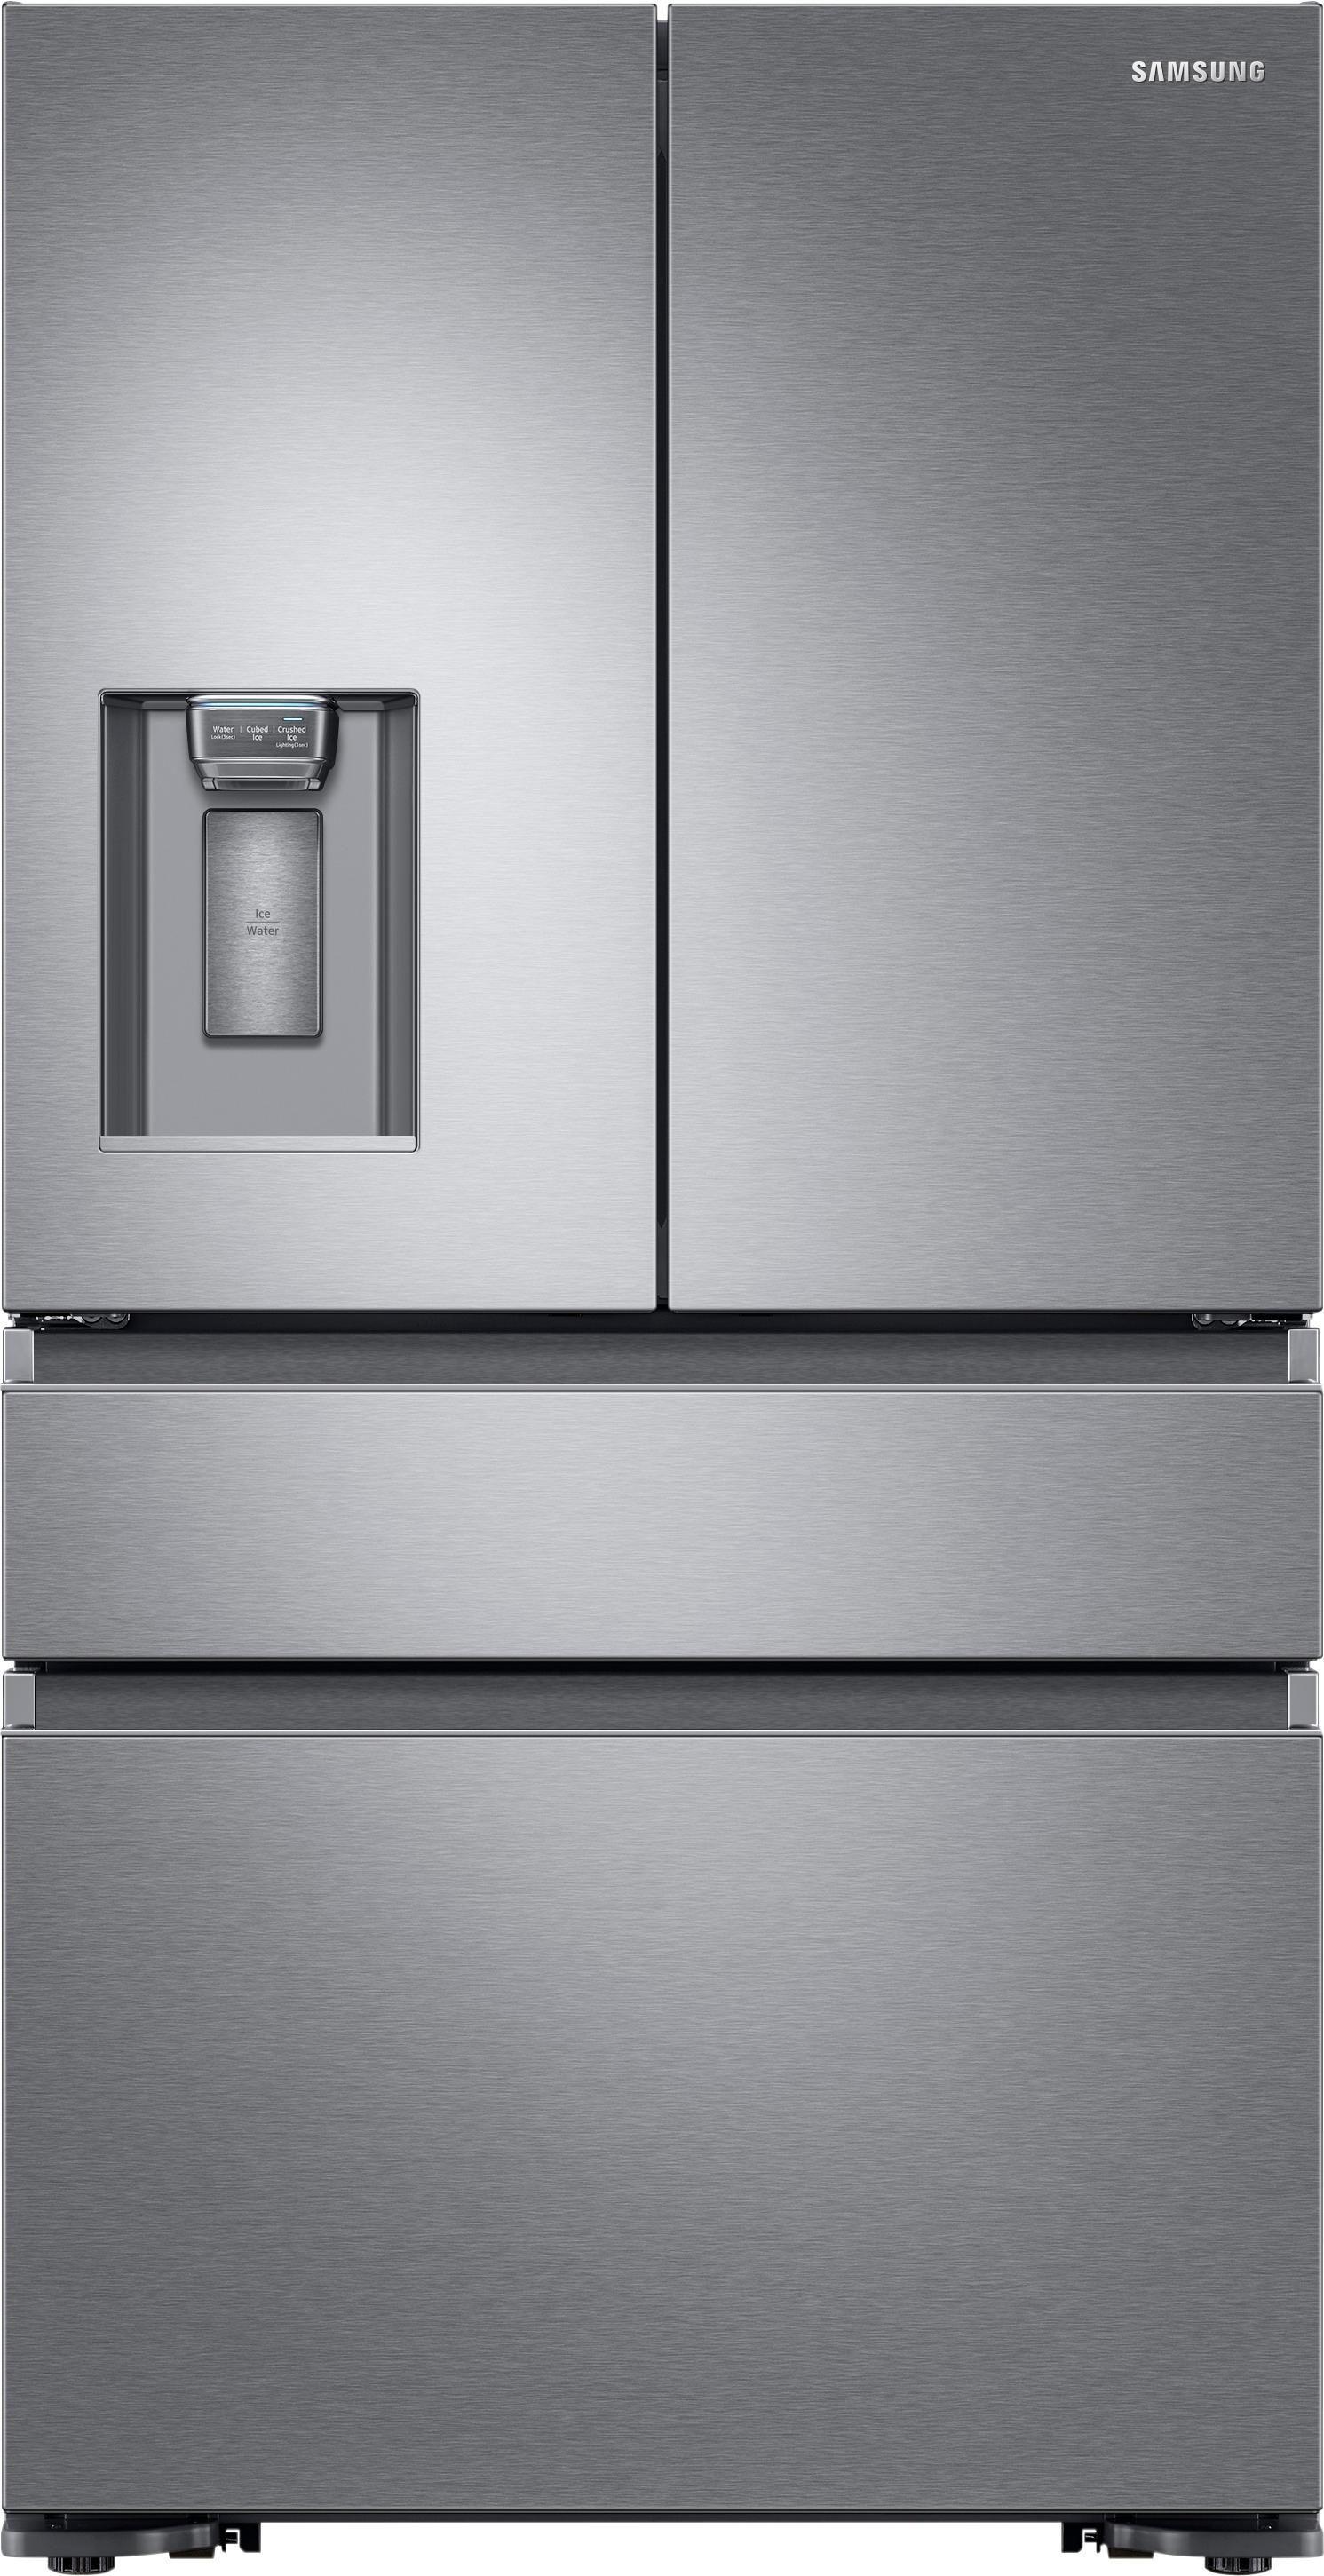 Samsung 226 Cu Ft 4 Door French Door Counter Depth Refrigerator